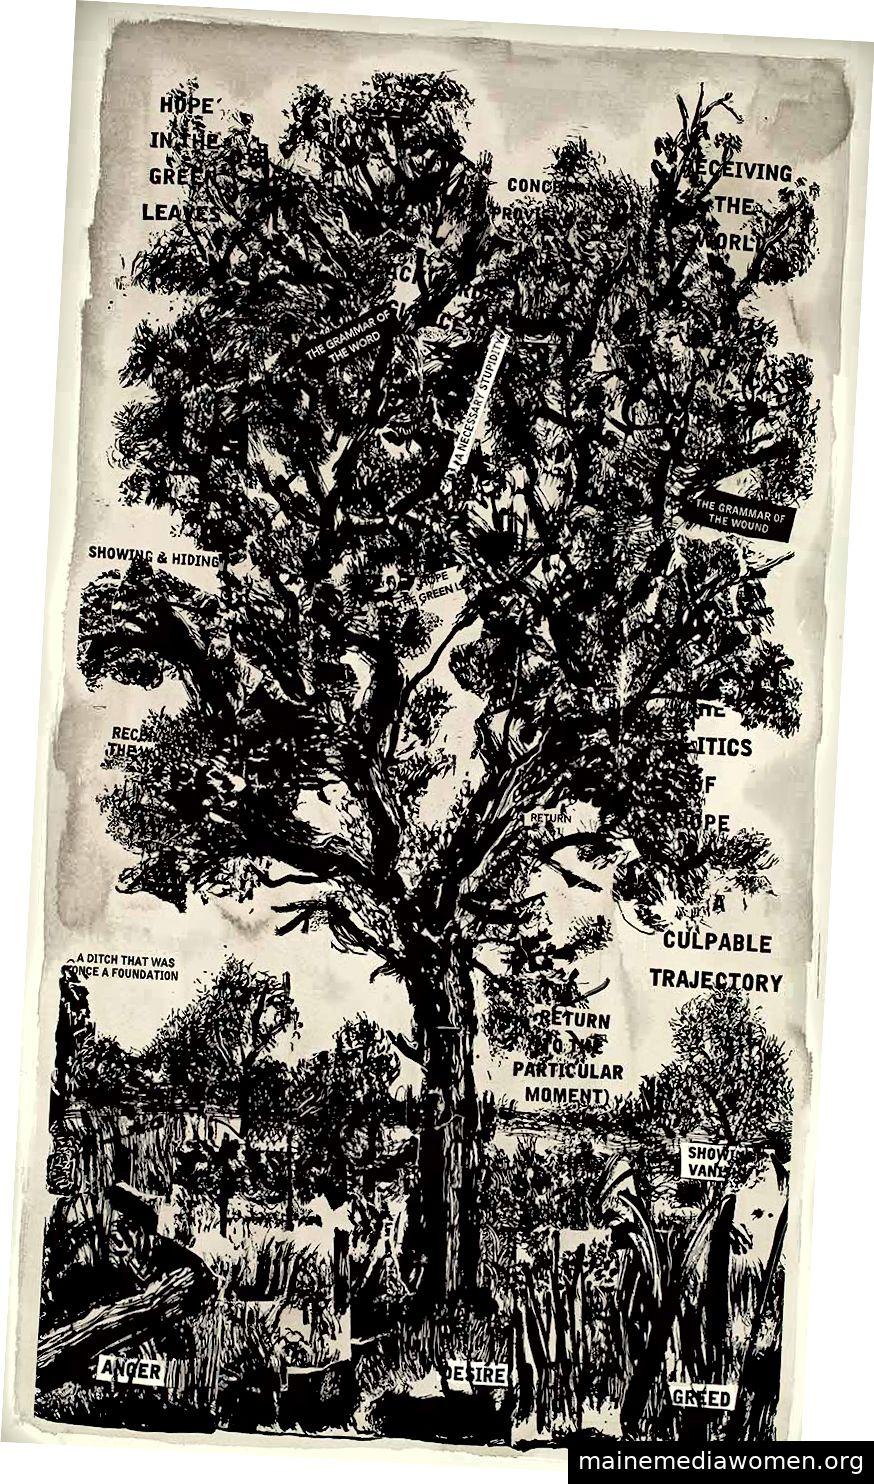 William Kentridge, HOFFNUNG IN DEN GRÜNEN BLÄTTERN, 2013 Linolschnitt auf Hahnemühle